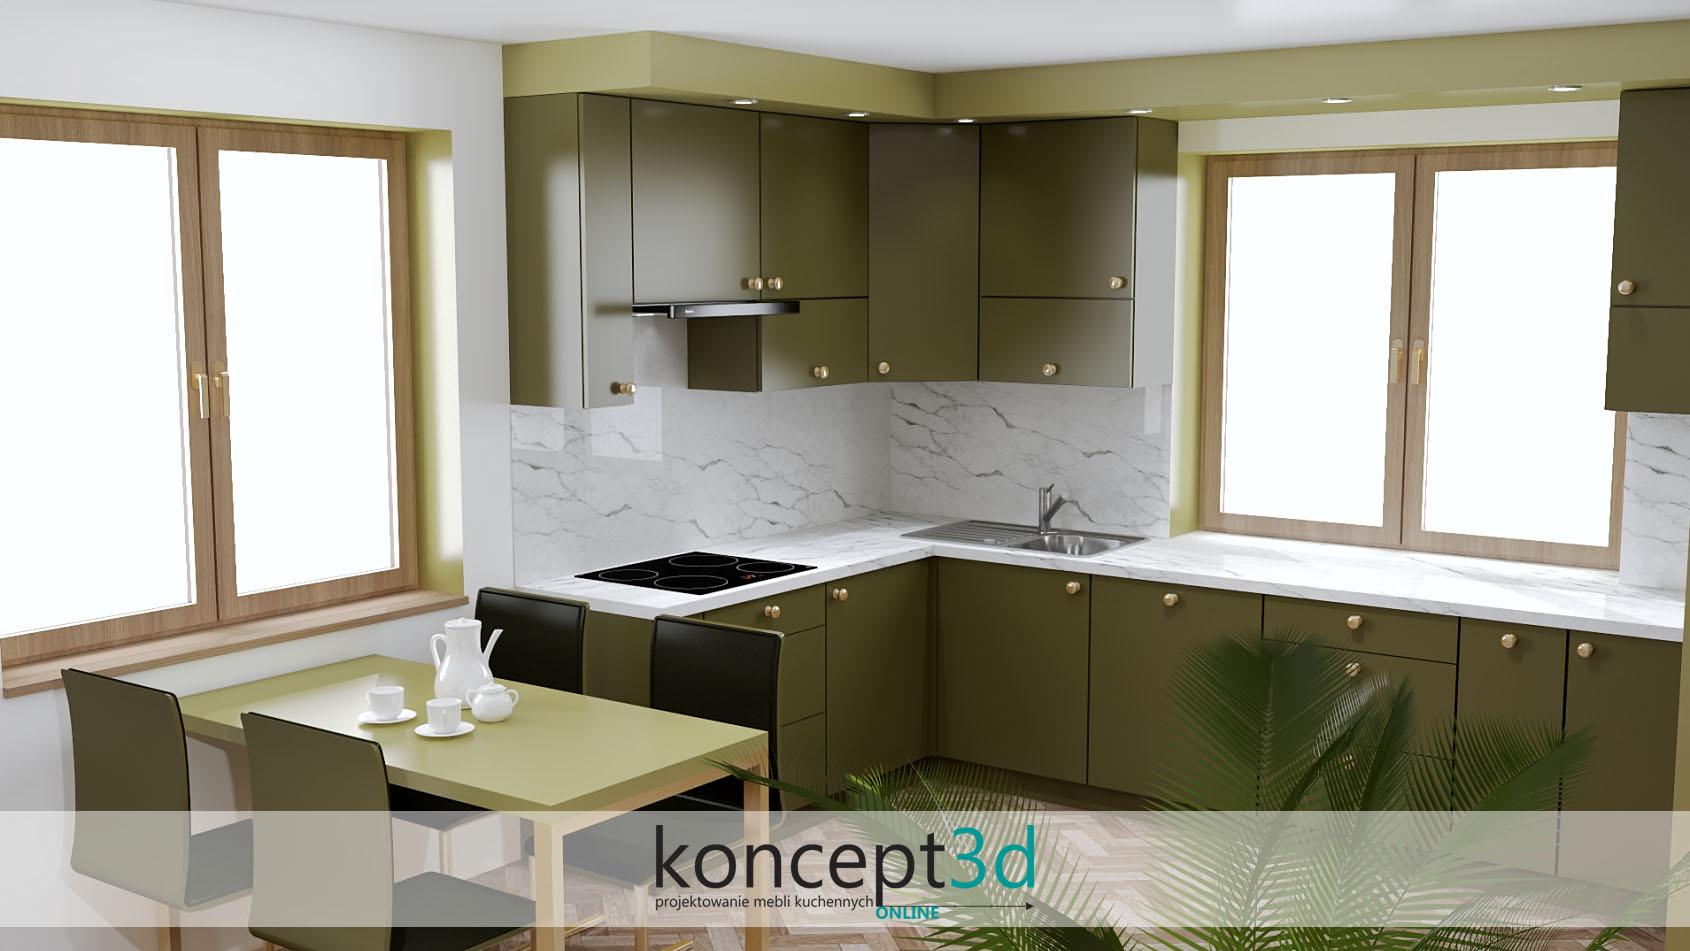 Złote gałeczki w kuchni to minimalistyczna opcja, która swą estetyką urzeka i poprawia nastrój